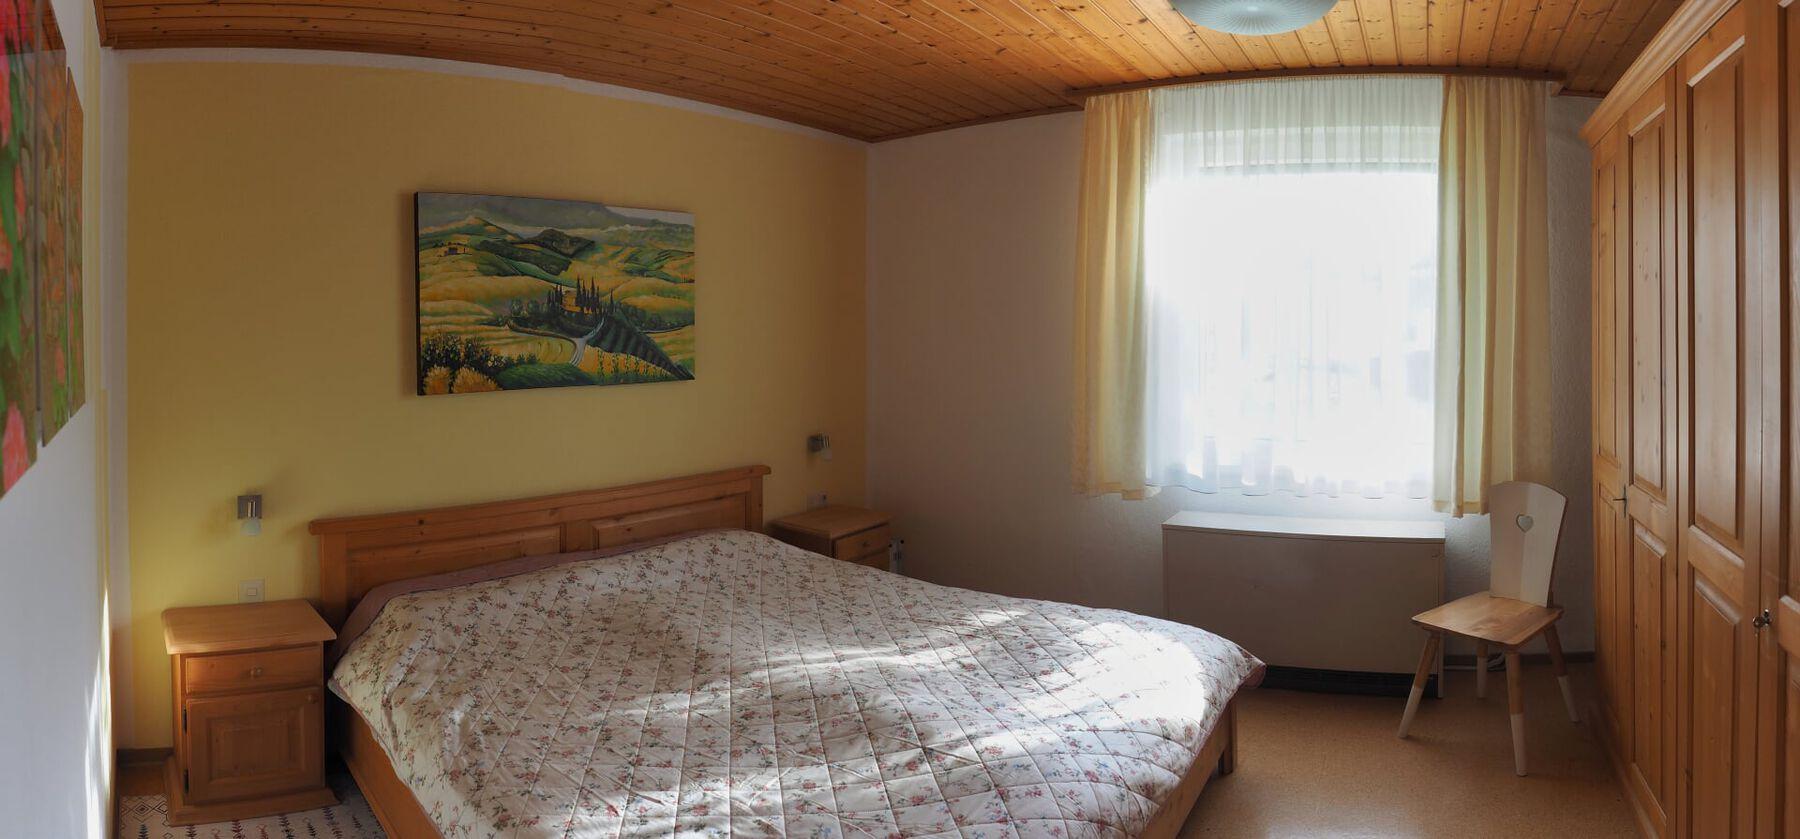 :Schlafzimmer mit Doppelbett und geräumigem Kleiderschrank.